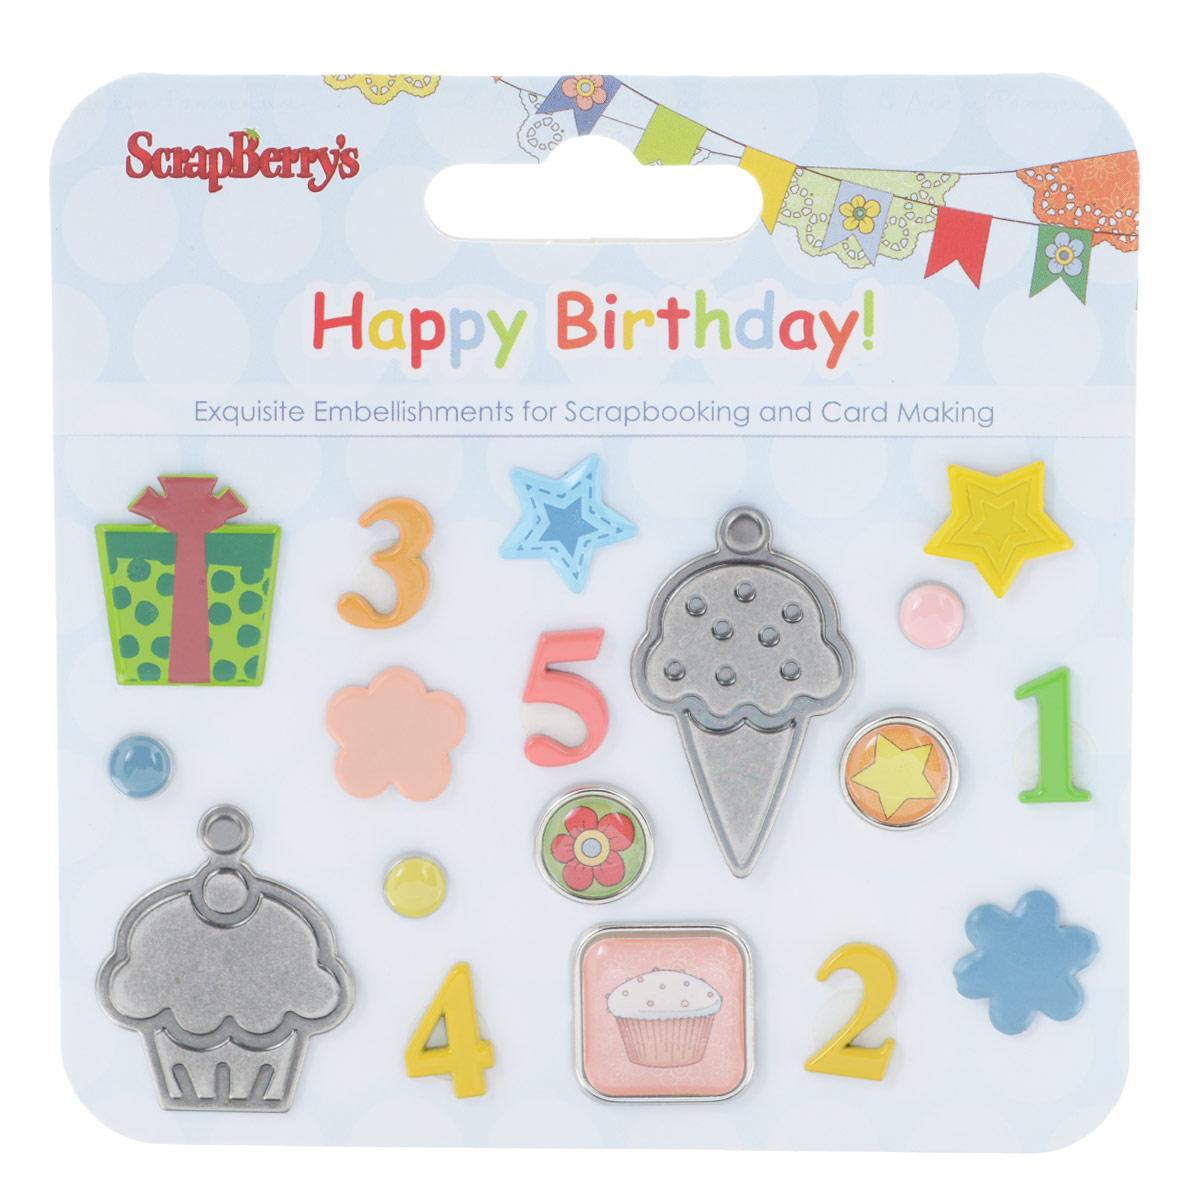 Набор брадсов ScrapBerrys С Днем Рождения!, 18 шт55052Брадсы ScrapBerrys С Днем Рождения! выполнены из металла, пластика и эпоксидной смолы. В наборе представлены брадсы различных размеров, форм и цветов. Такой набор прекрасно подойдет для декора и оформления творческих работ в различных техниках, таких как скрапбукинг, шитье, декор, изготовление бижутерии и многого другого. Брадсы разнообразят вашу работу и добавят вдохновения для новых идей.Средний размер брадсов: 1,5 см х 1,5 см.